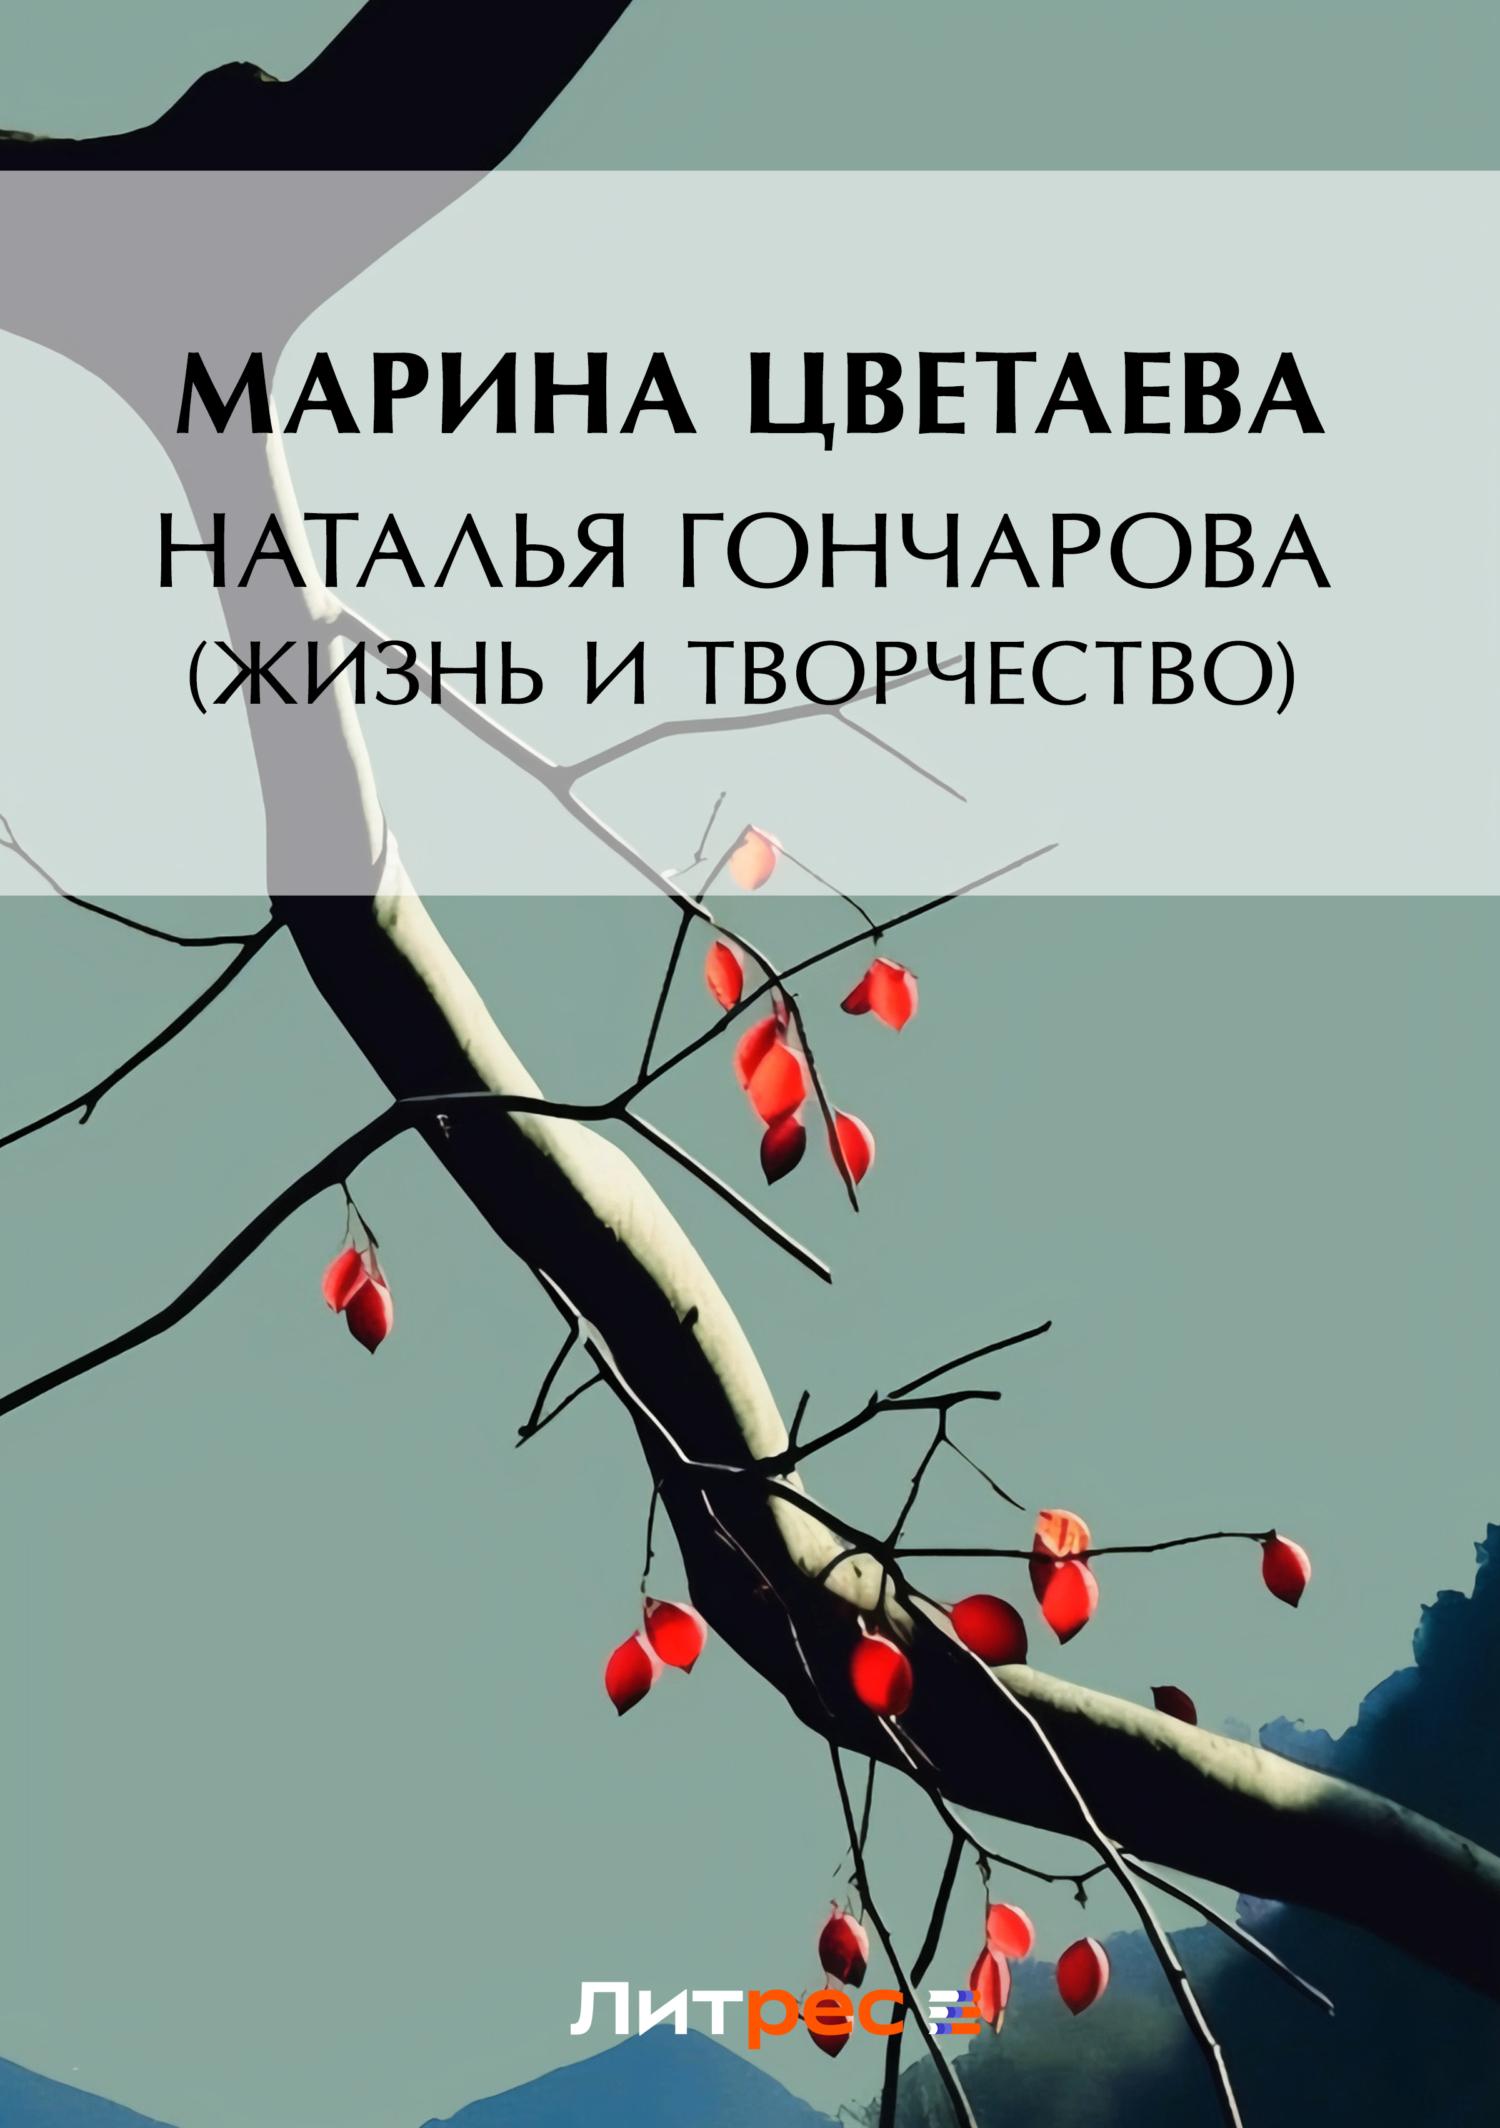 Марина Цветаева Наталья Гончарова (жизнь и творчество) марина сергеевна чупрова пиит время первых